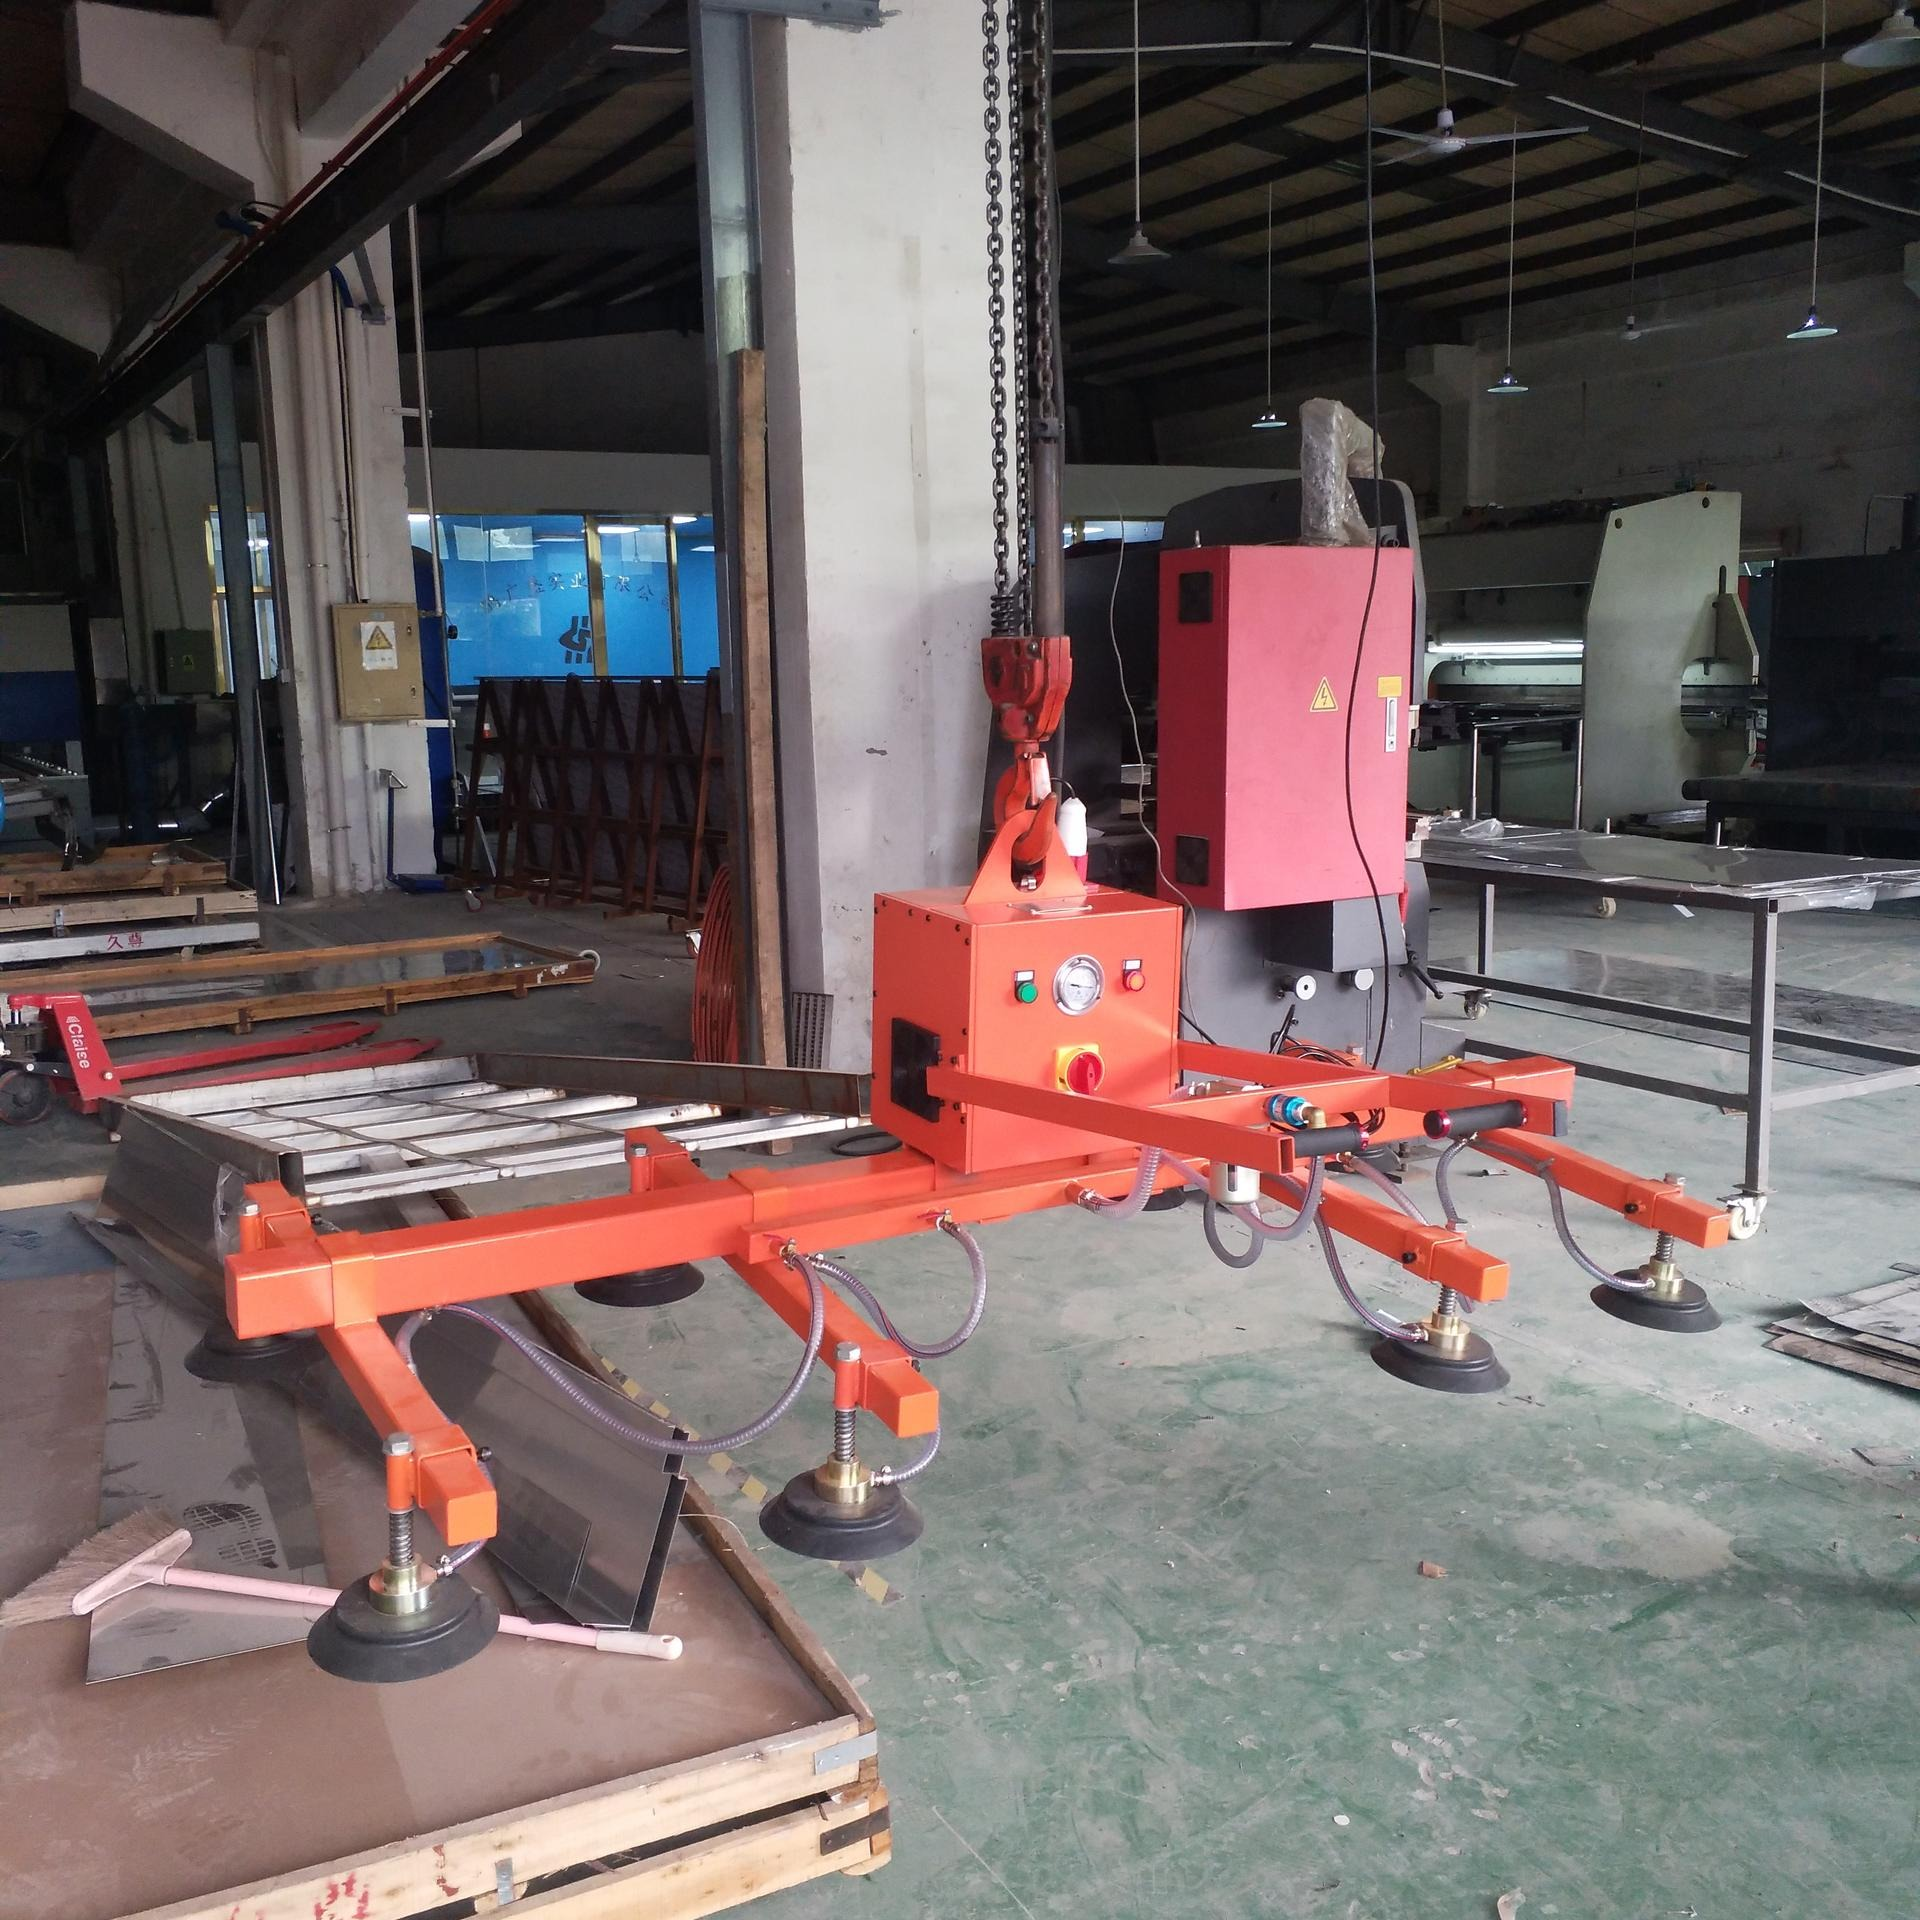 真空吸吊机 轻小型板材吸吊机 激光切割机上料吊具 优克制造XR-J2800